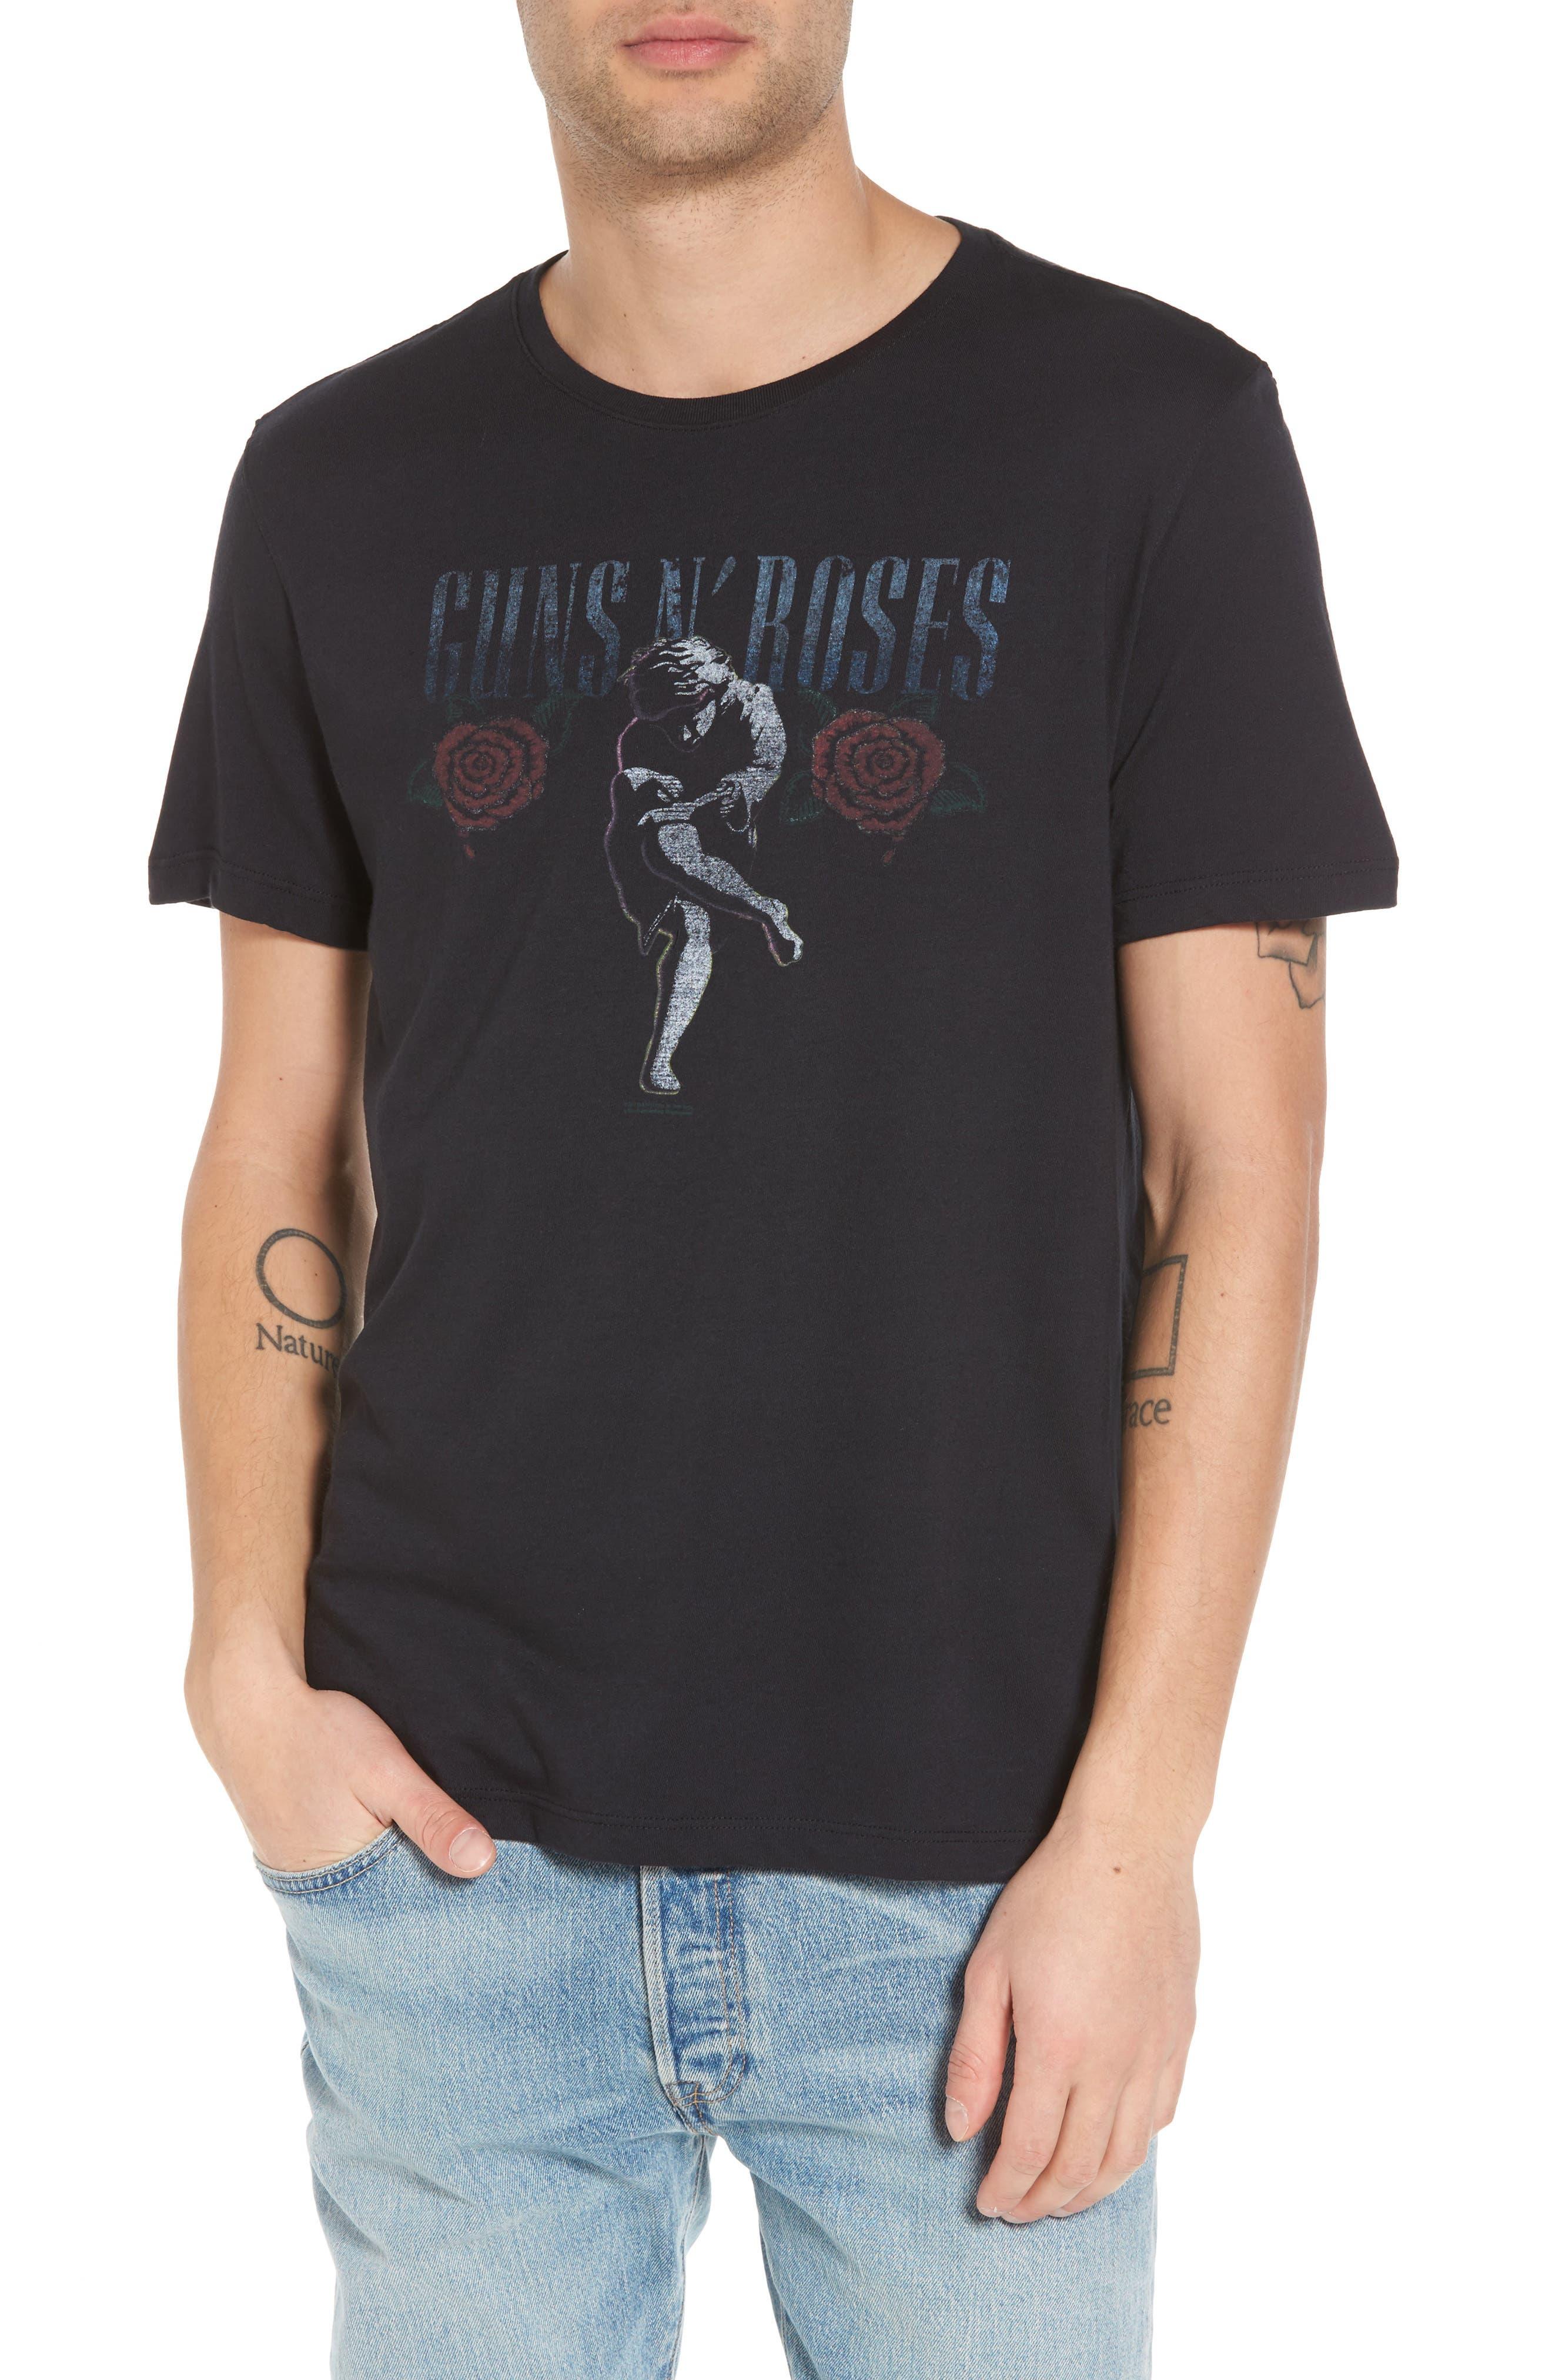 Guns N Roses Graphic T-Shirt,                             Main thumbnail 1, color,                             001